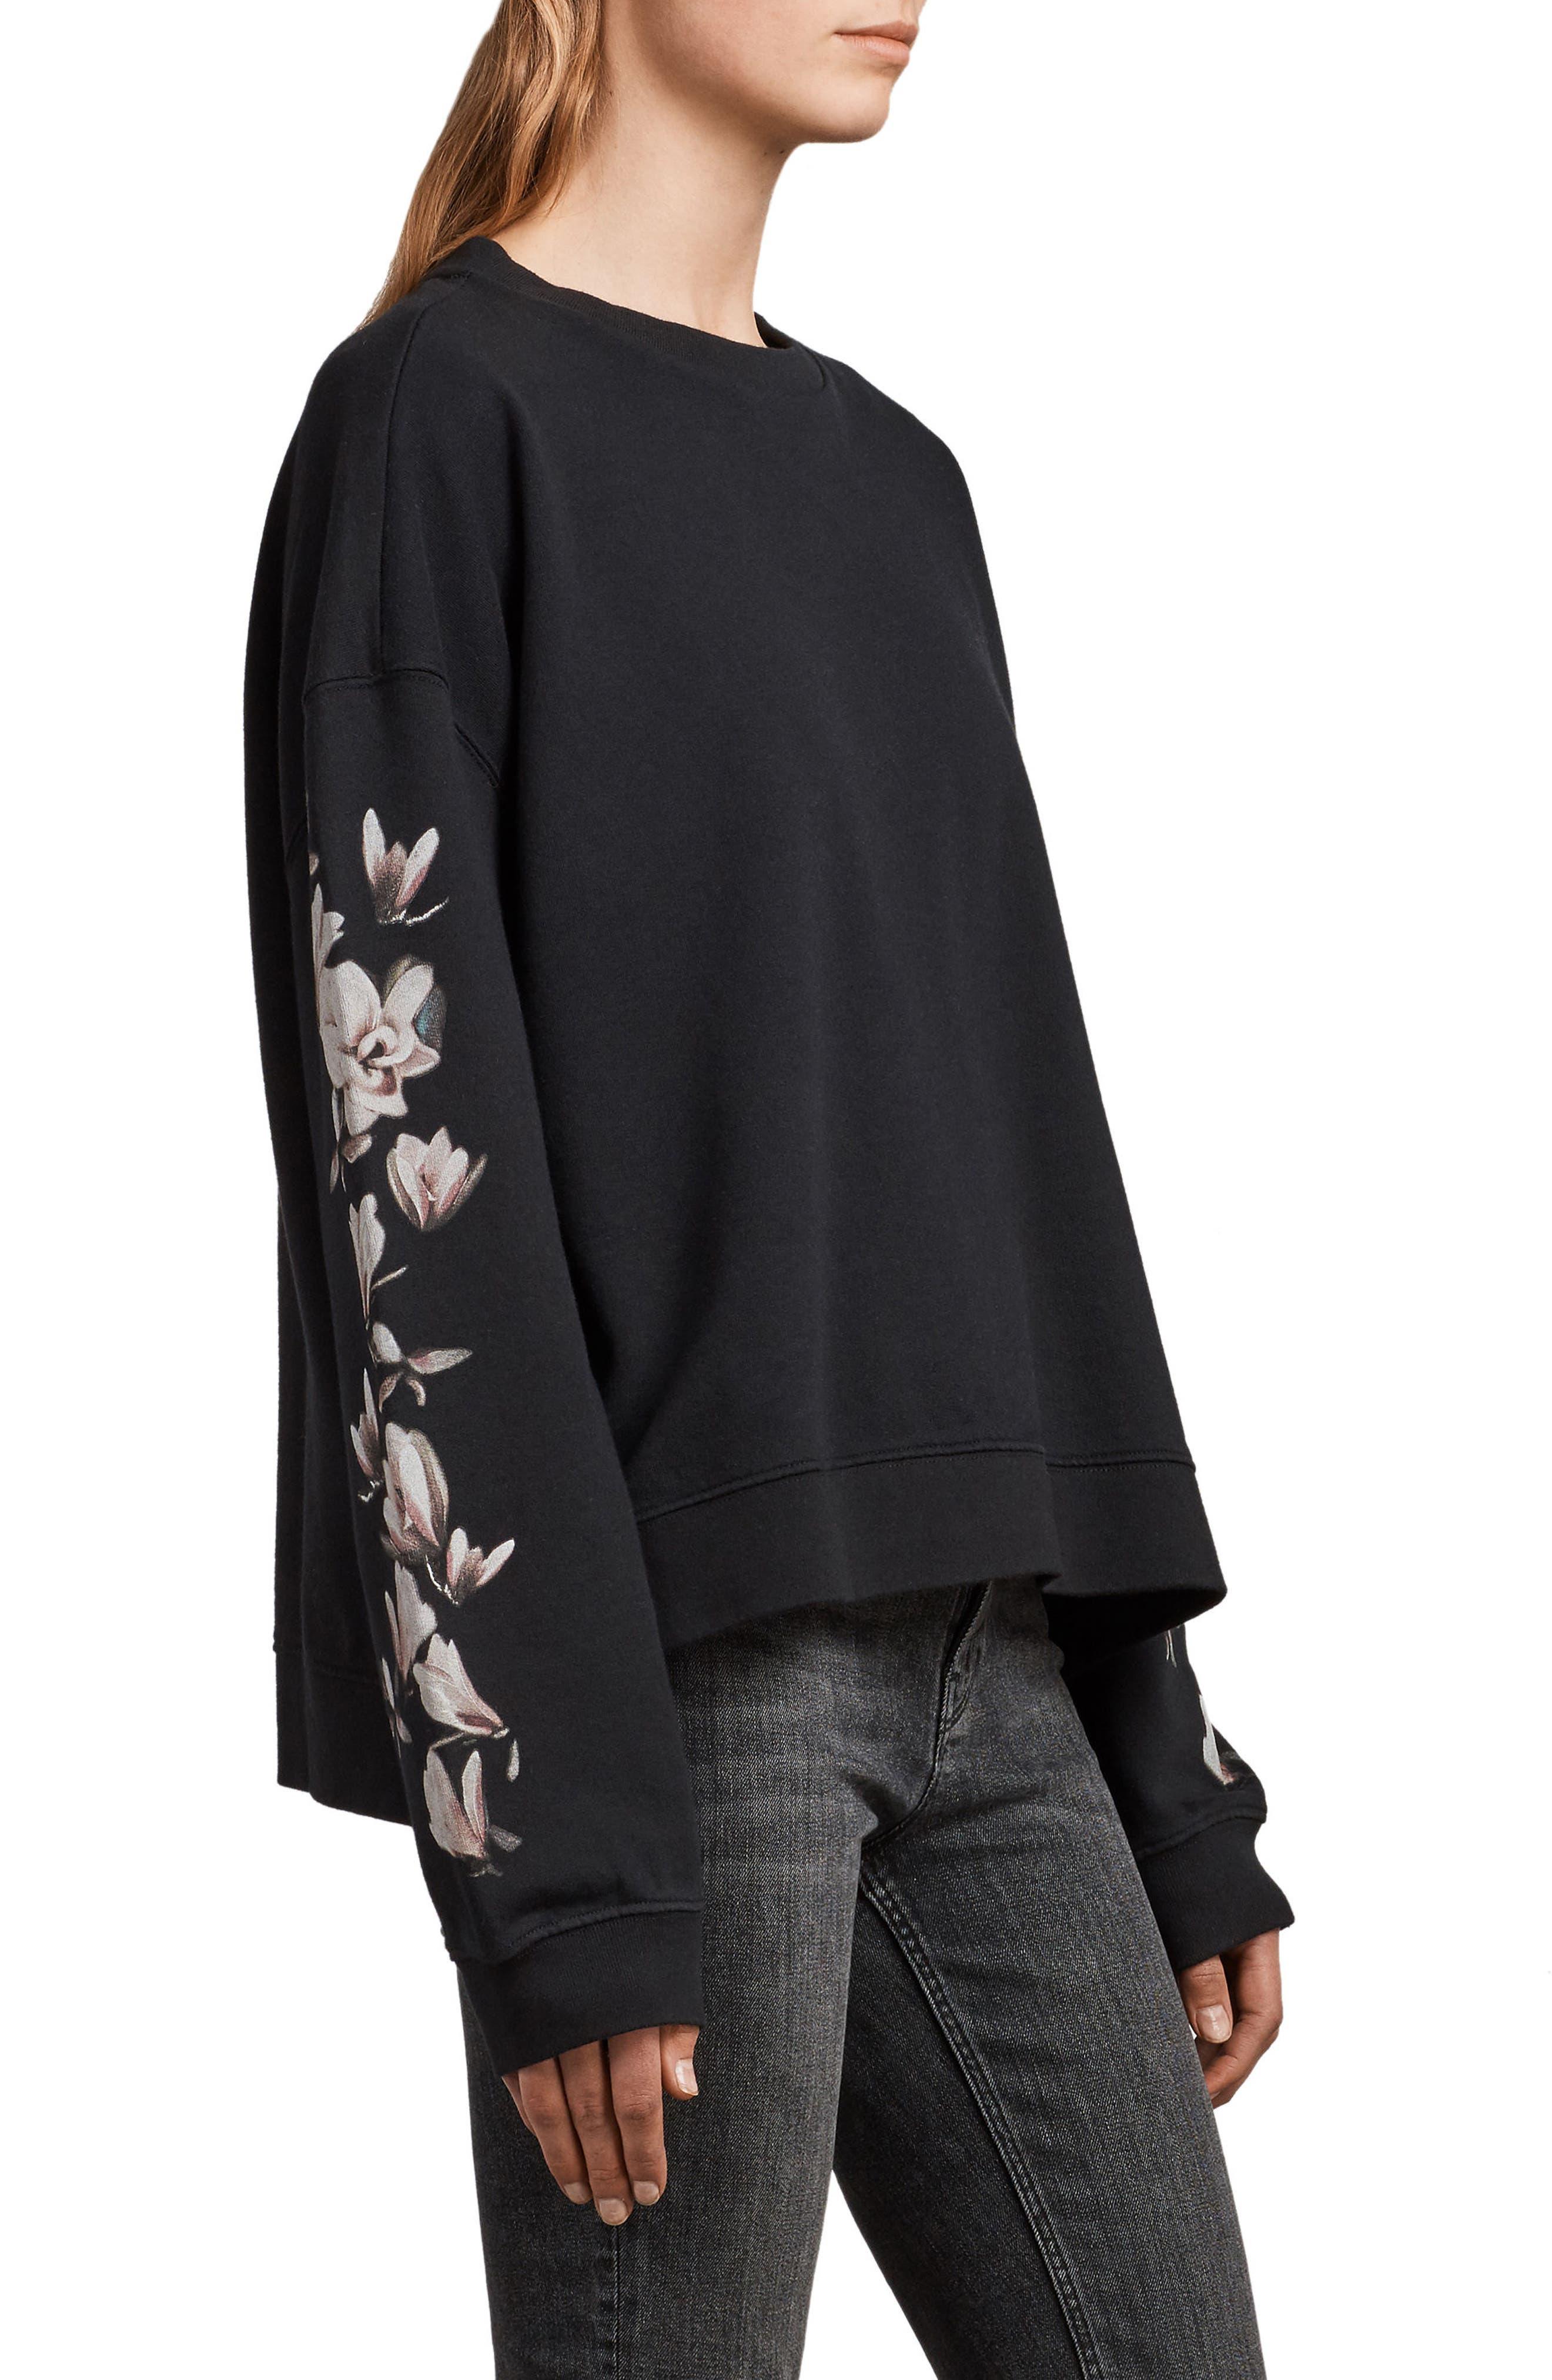 Magnolia Floral Print Cotton Sweatshirt,                             Alternate thumbnail 3, color,                             Black